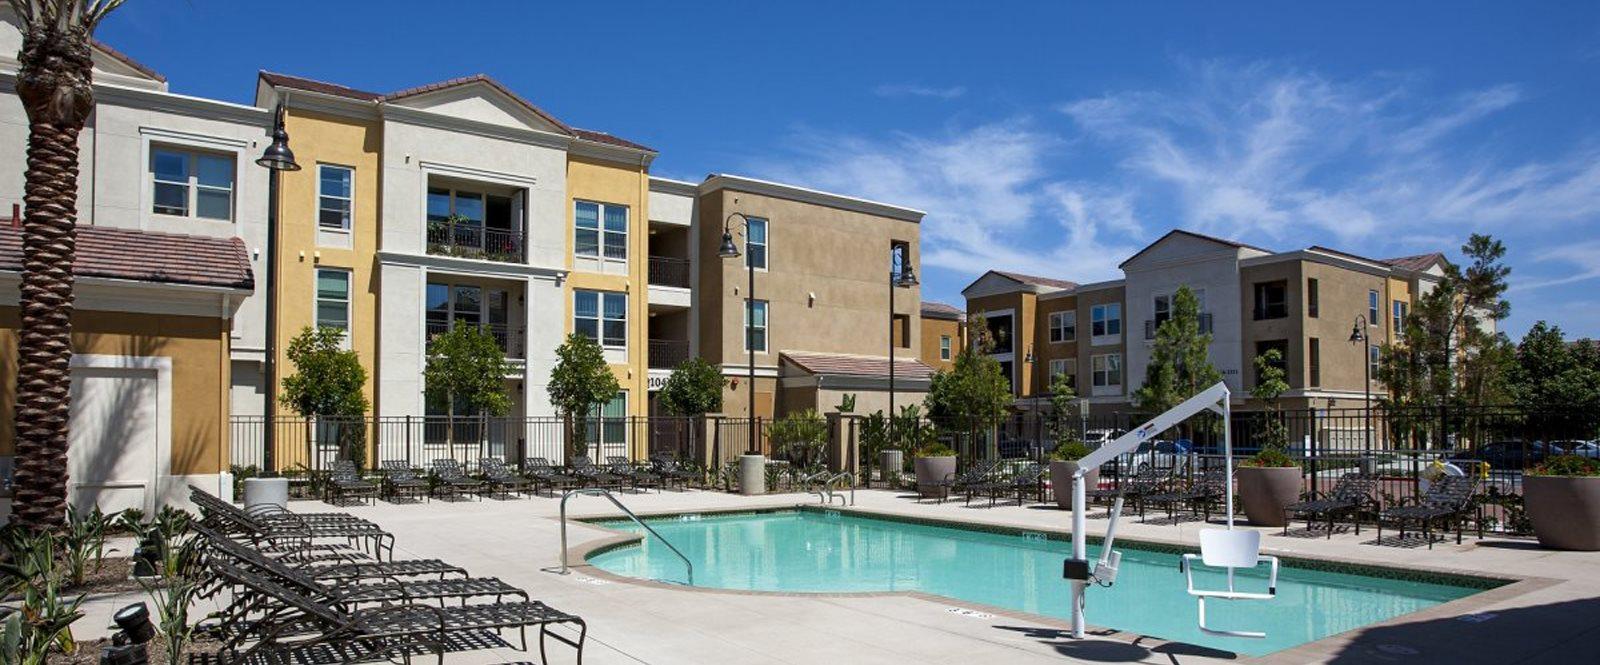 Alegre Apartments Irvine Ca